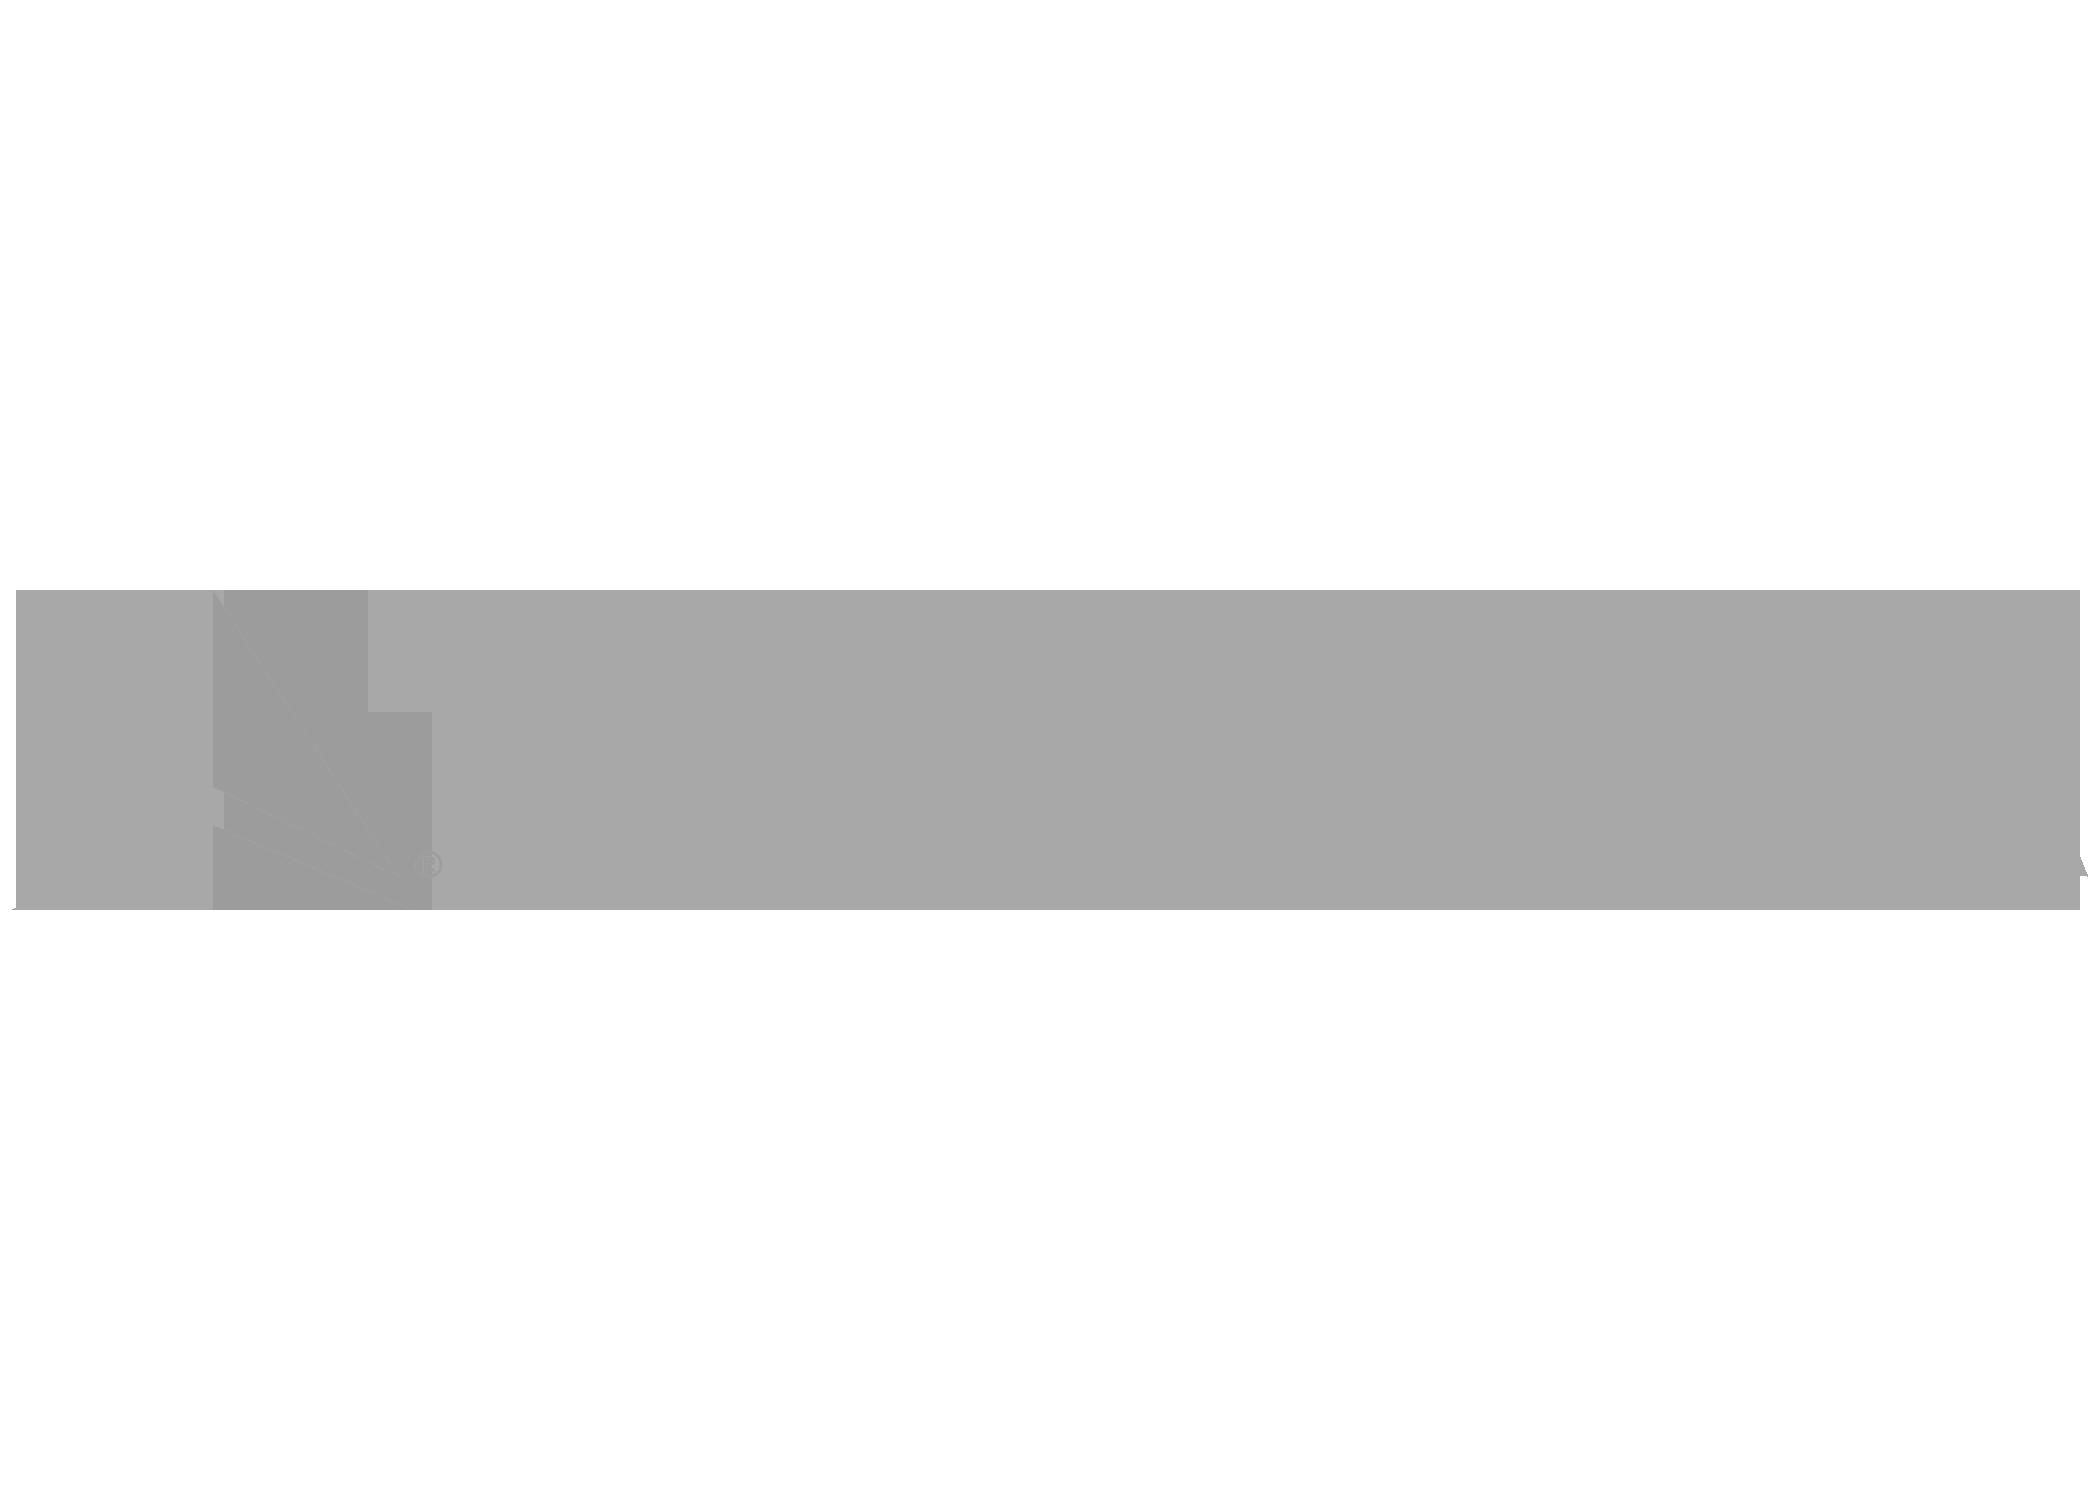 https://149346020.v2.pressablecdn.com/wp-content/uploads/2017/08/Delta.png